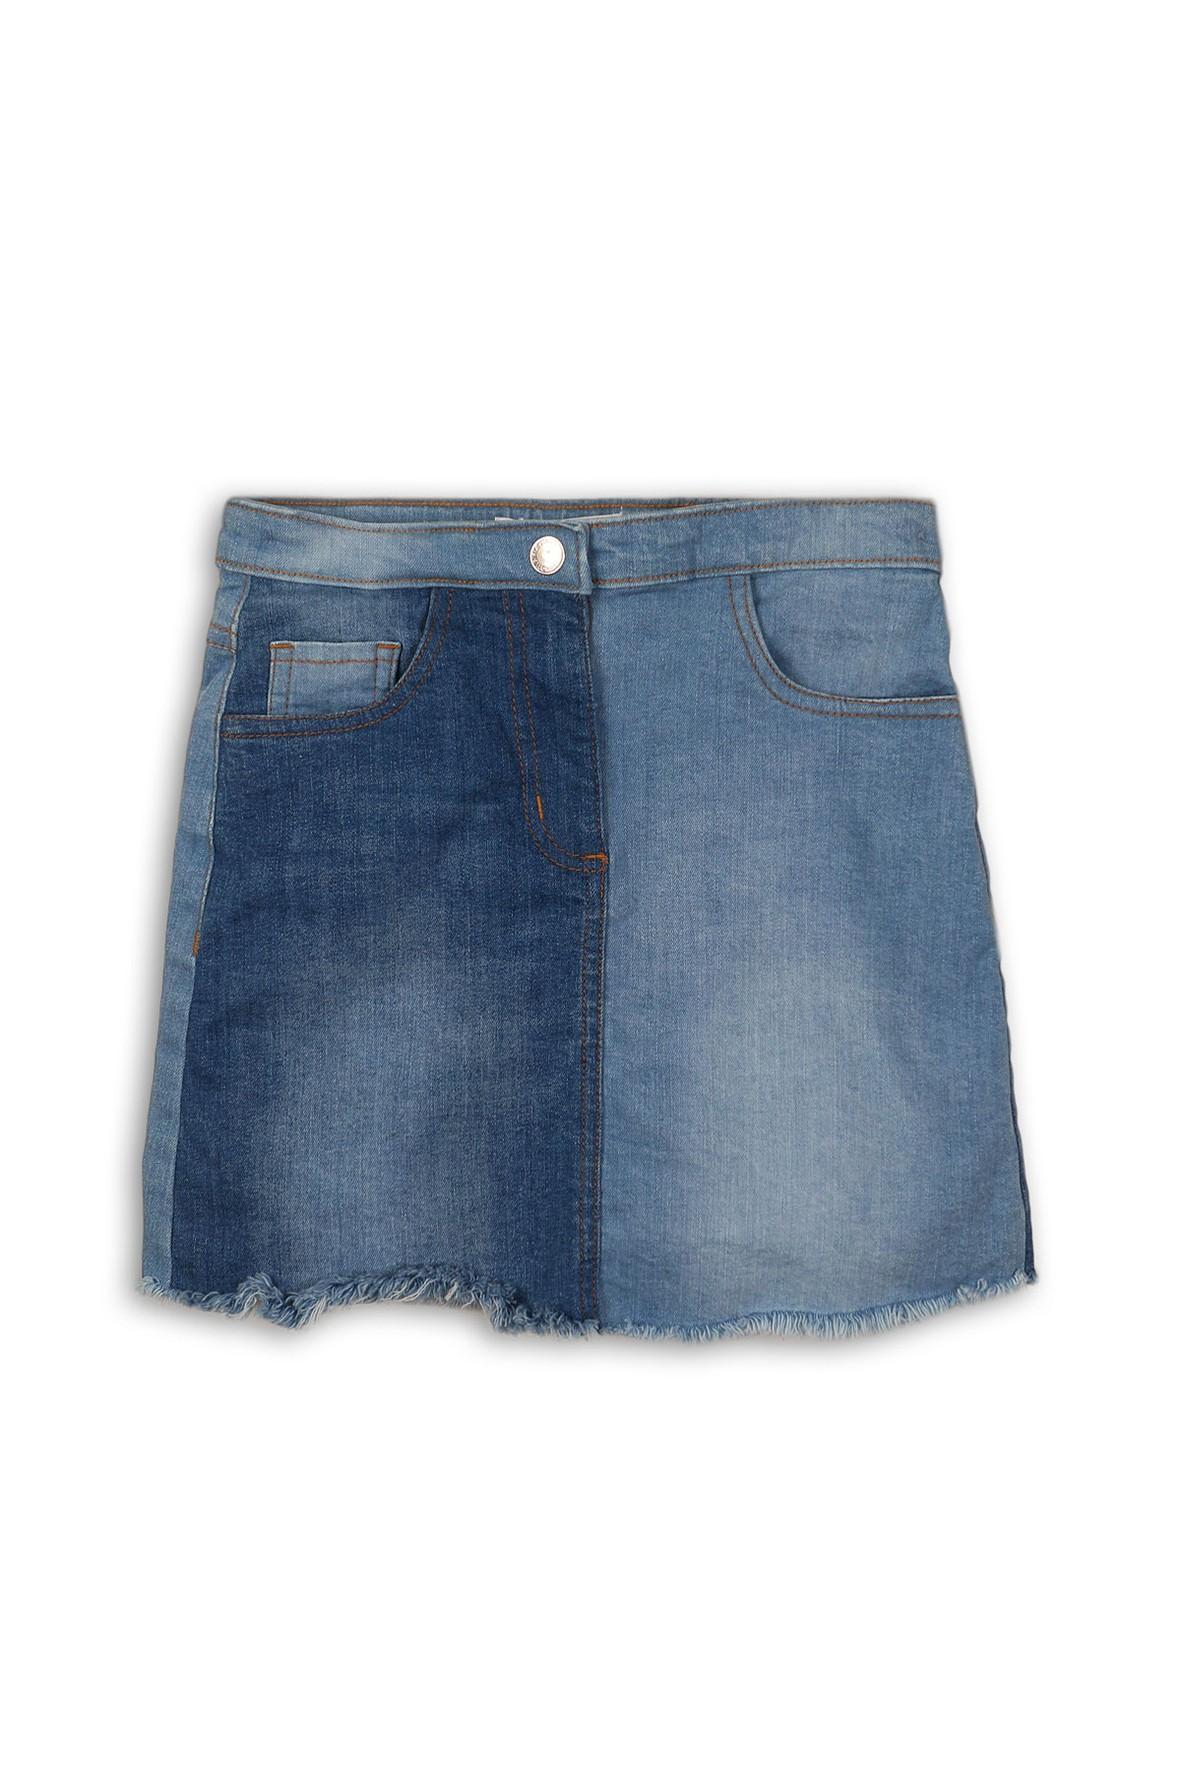 Spódnica jeansowa dla dziewczynki niebieska